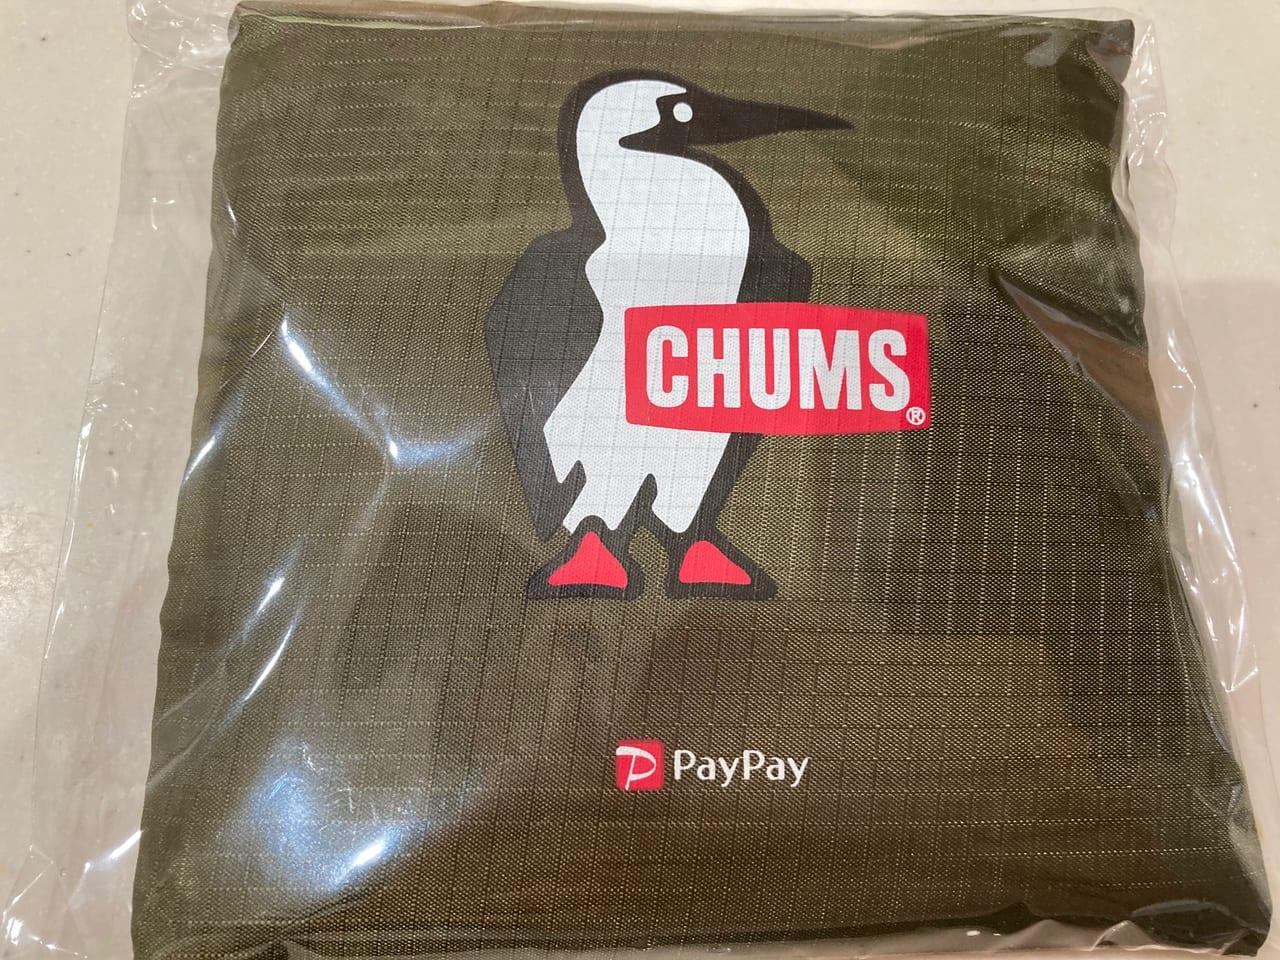 数量限定!!セブンイレブンにてPayPayで700円以上購入するとCHAMSのエコバックがもらえる!!